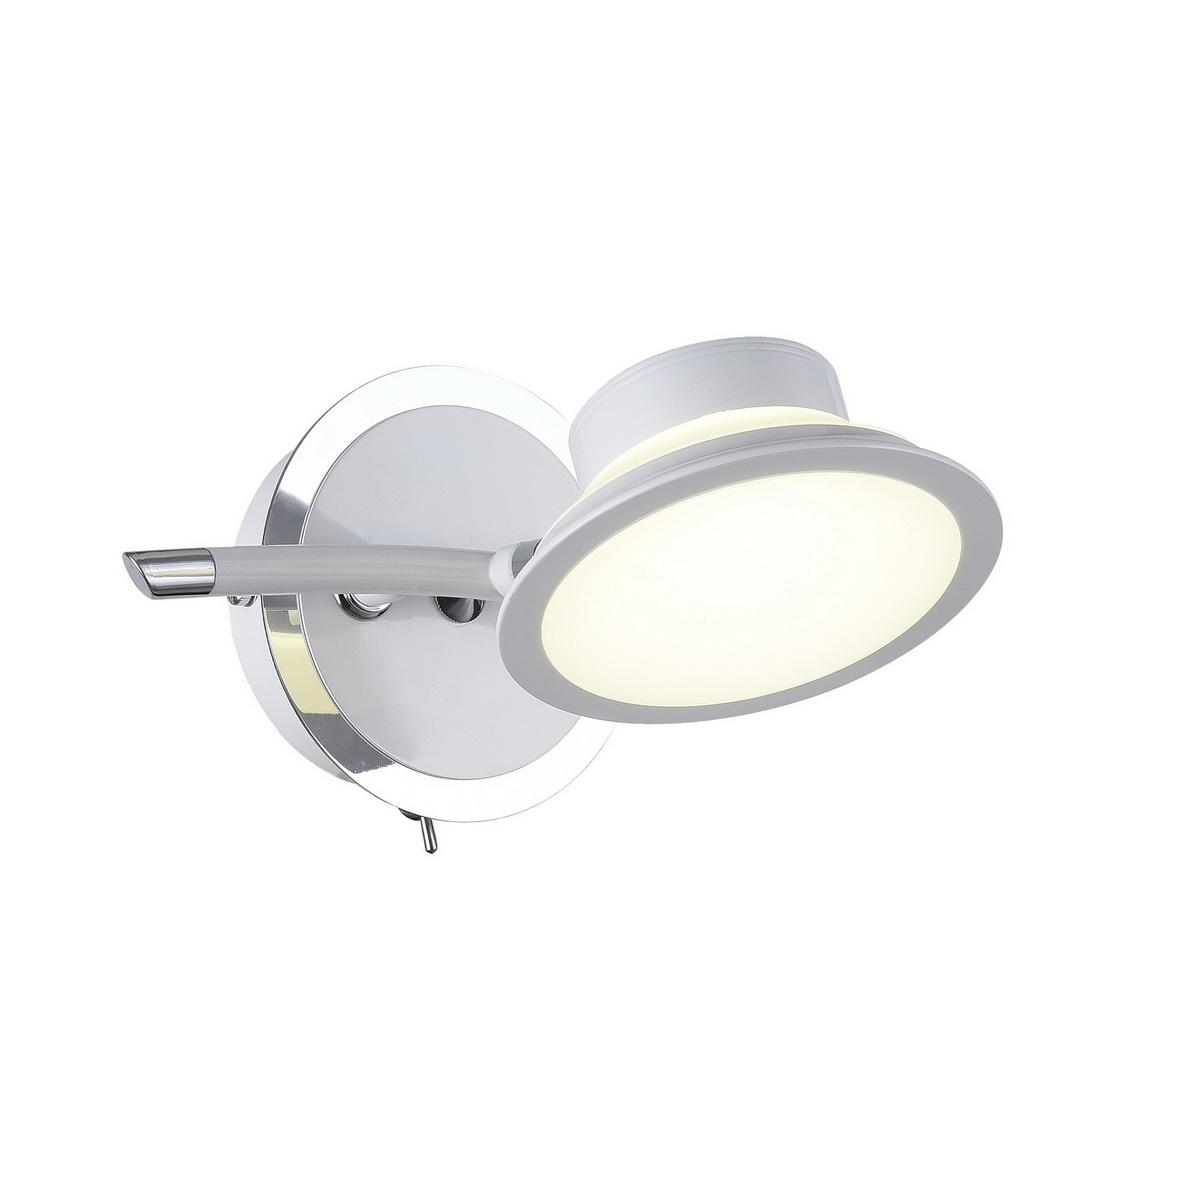 Спот настенный SimontaСпоты<br>Спот с пластиковым плафоном и встроенной светодиодной матрицей  мощностью 7 W (эквивалент лампы накаливания 47 W).<br><br>Material: Металл<br>Width см: 17<br>Depth см: 10,5<br>Height см: 21<br>Diameter см: 0